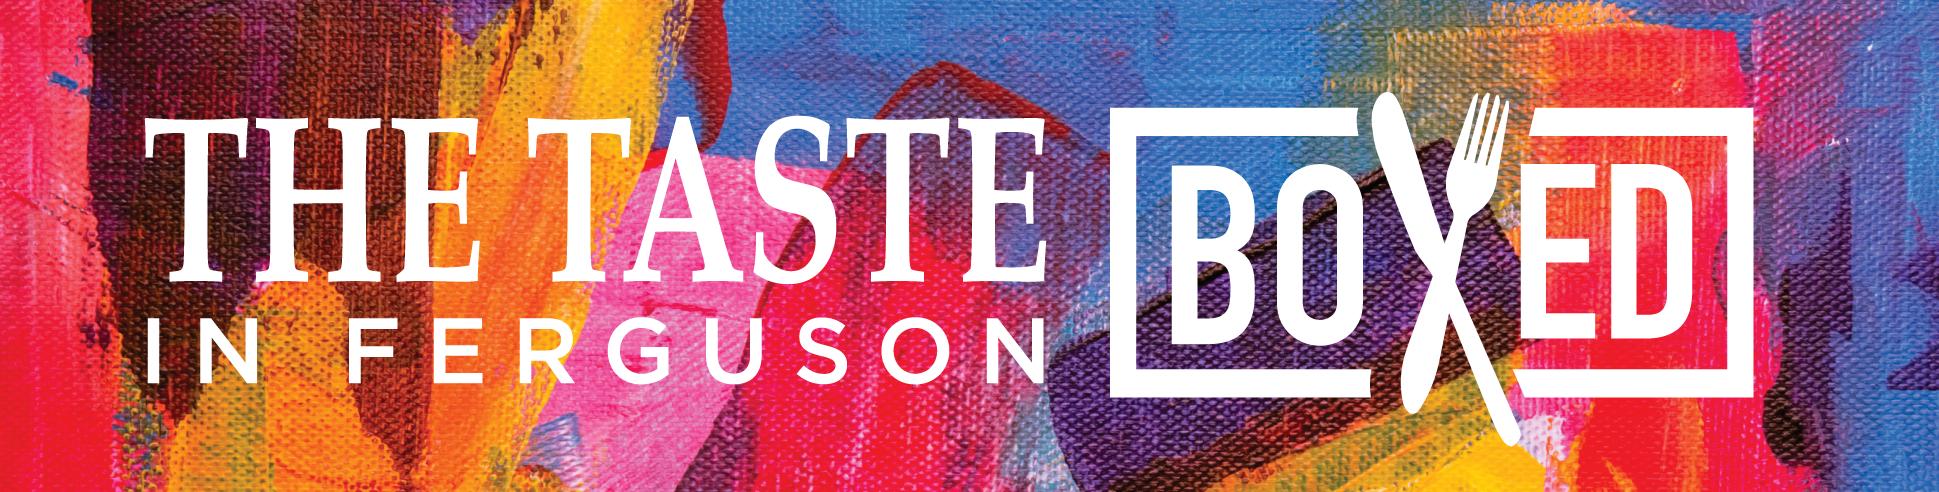 THE TASTE IN FERGUSON BOXED